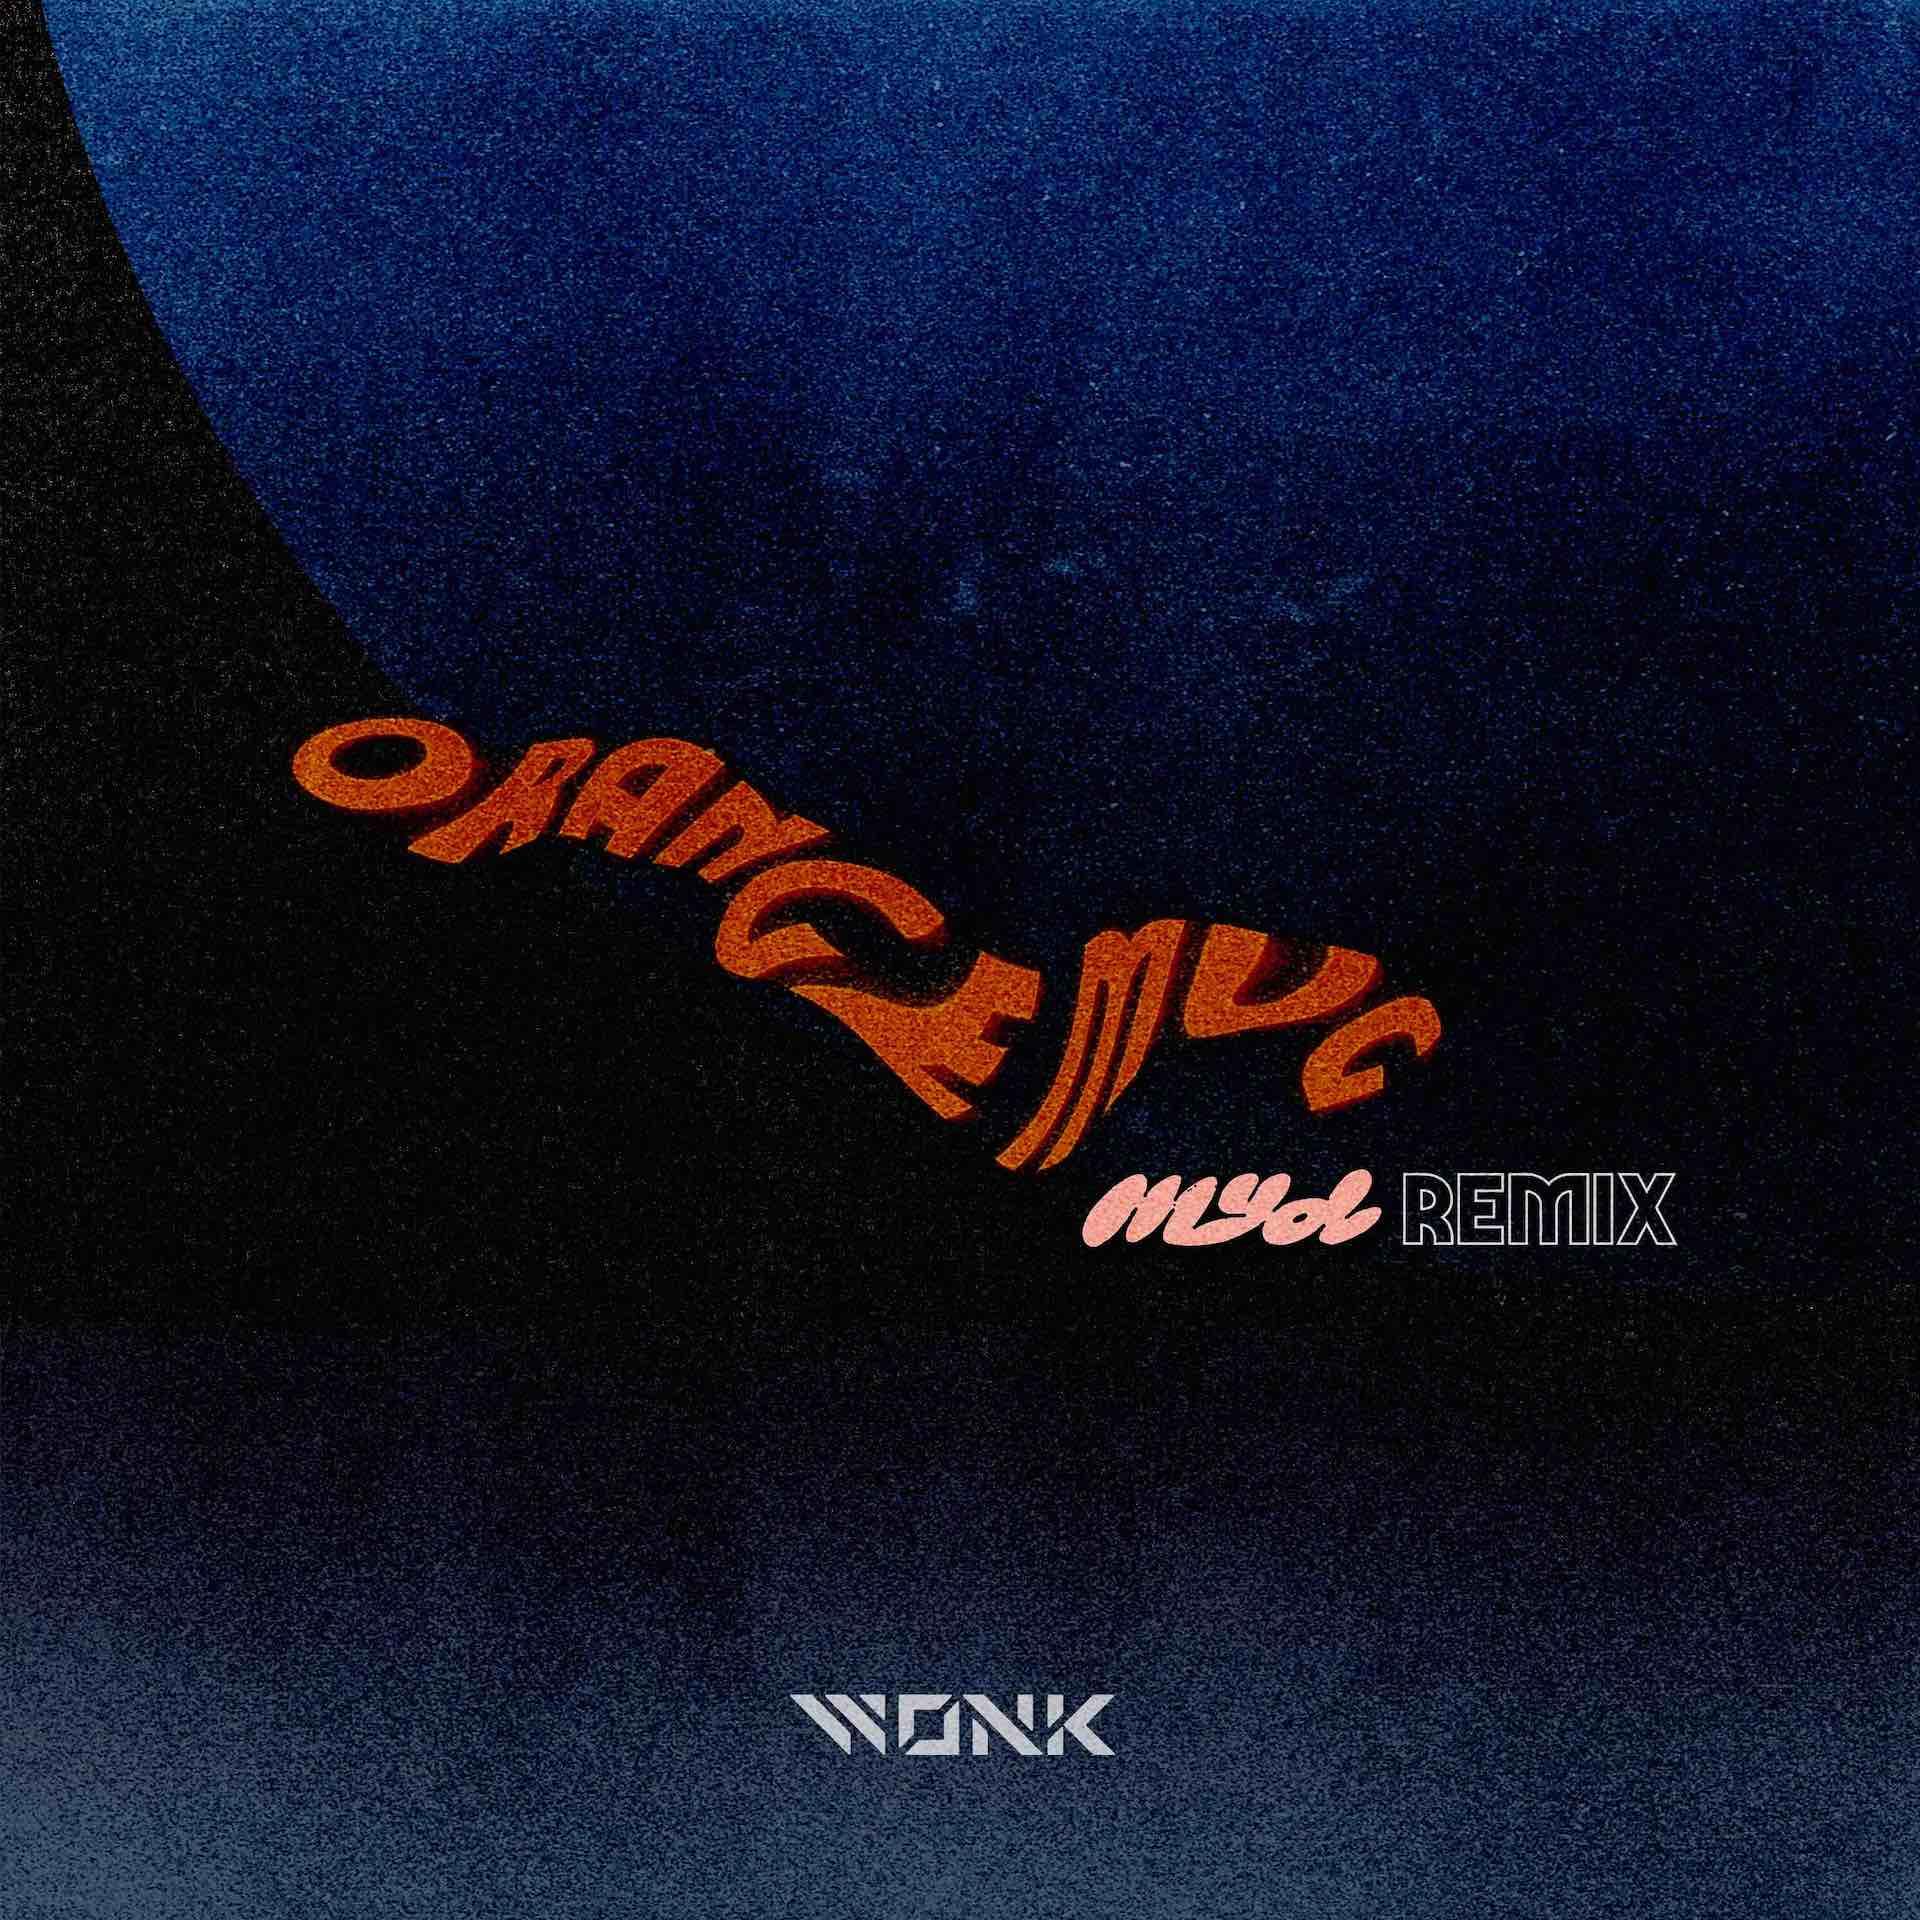 WONK、ブルーノート東京での限定組数ライブが実現!同時にライブ配信も実施 music200930_wonk_1